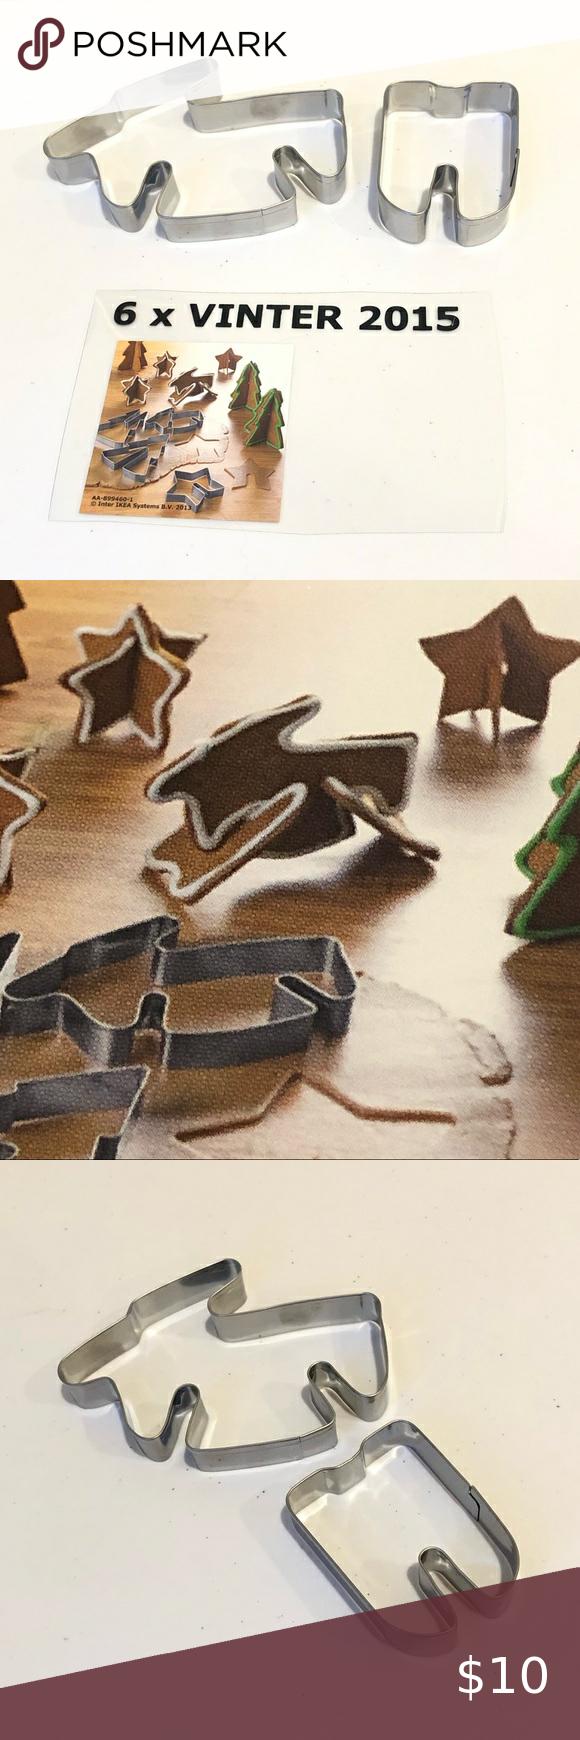 Ikea Cookie Cutters : cookie, cutters, Picks